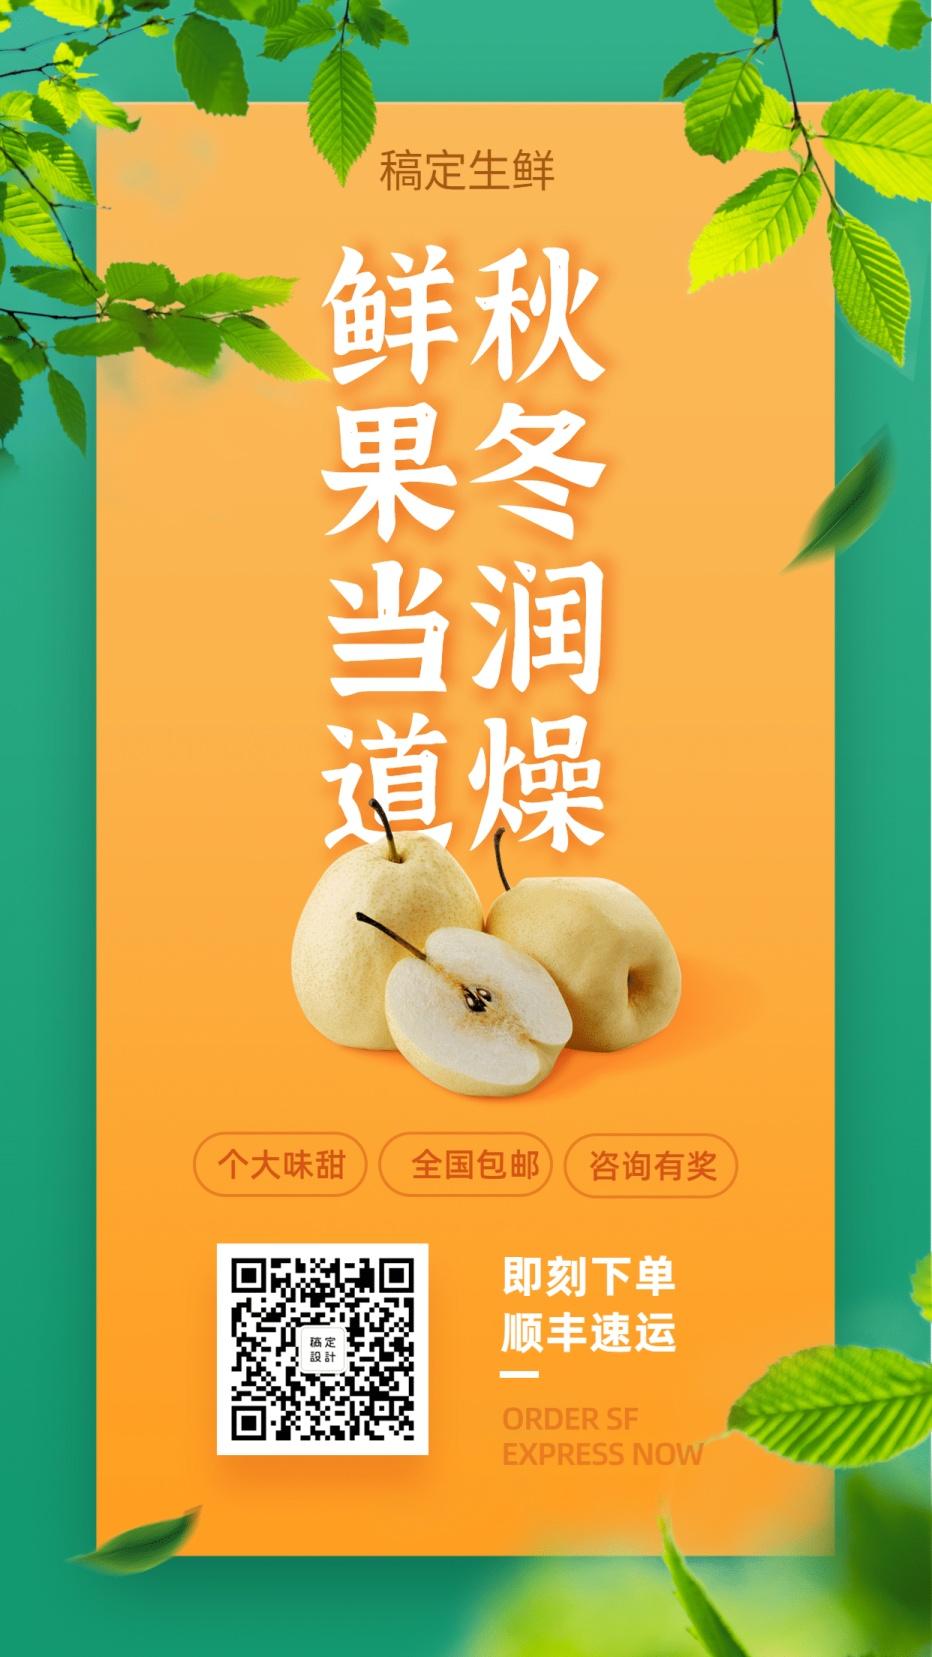 吃援湖北疫情助农水果海报